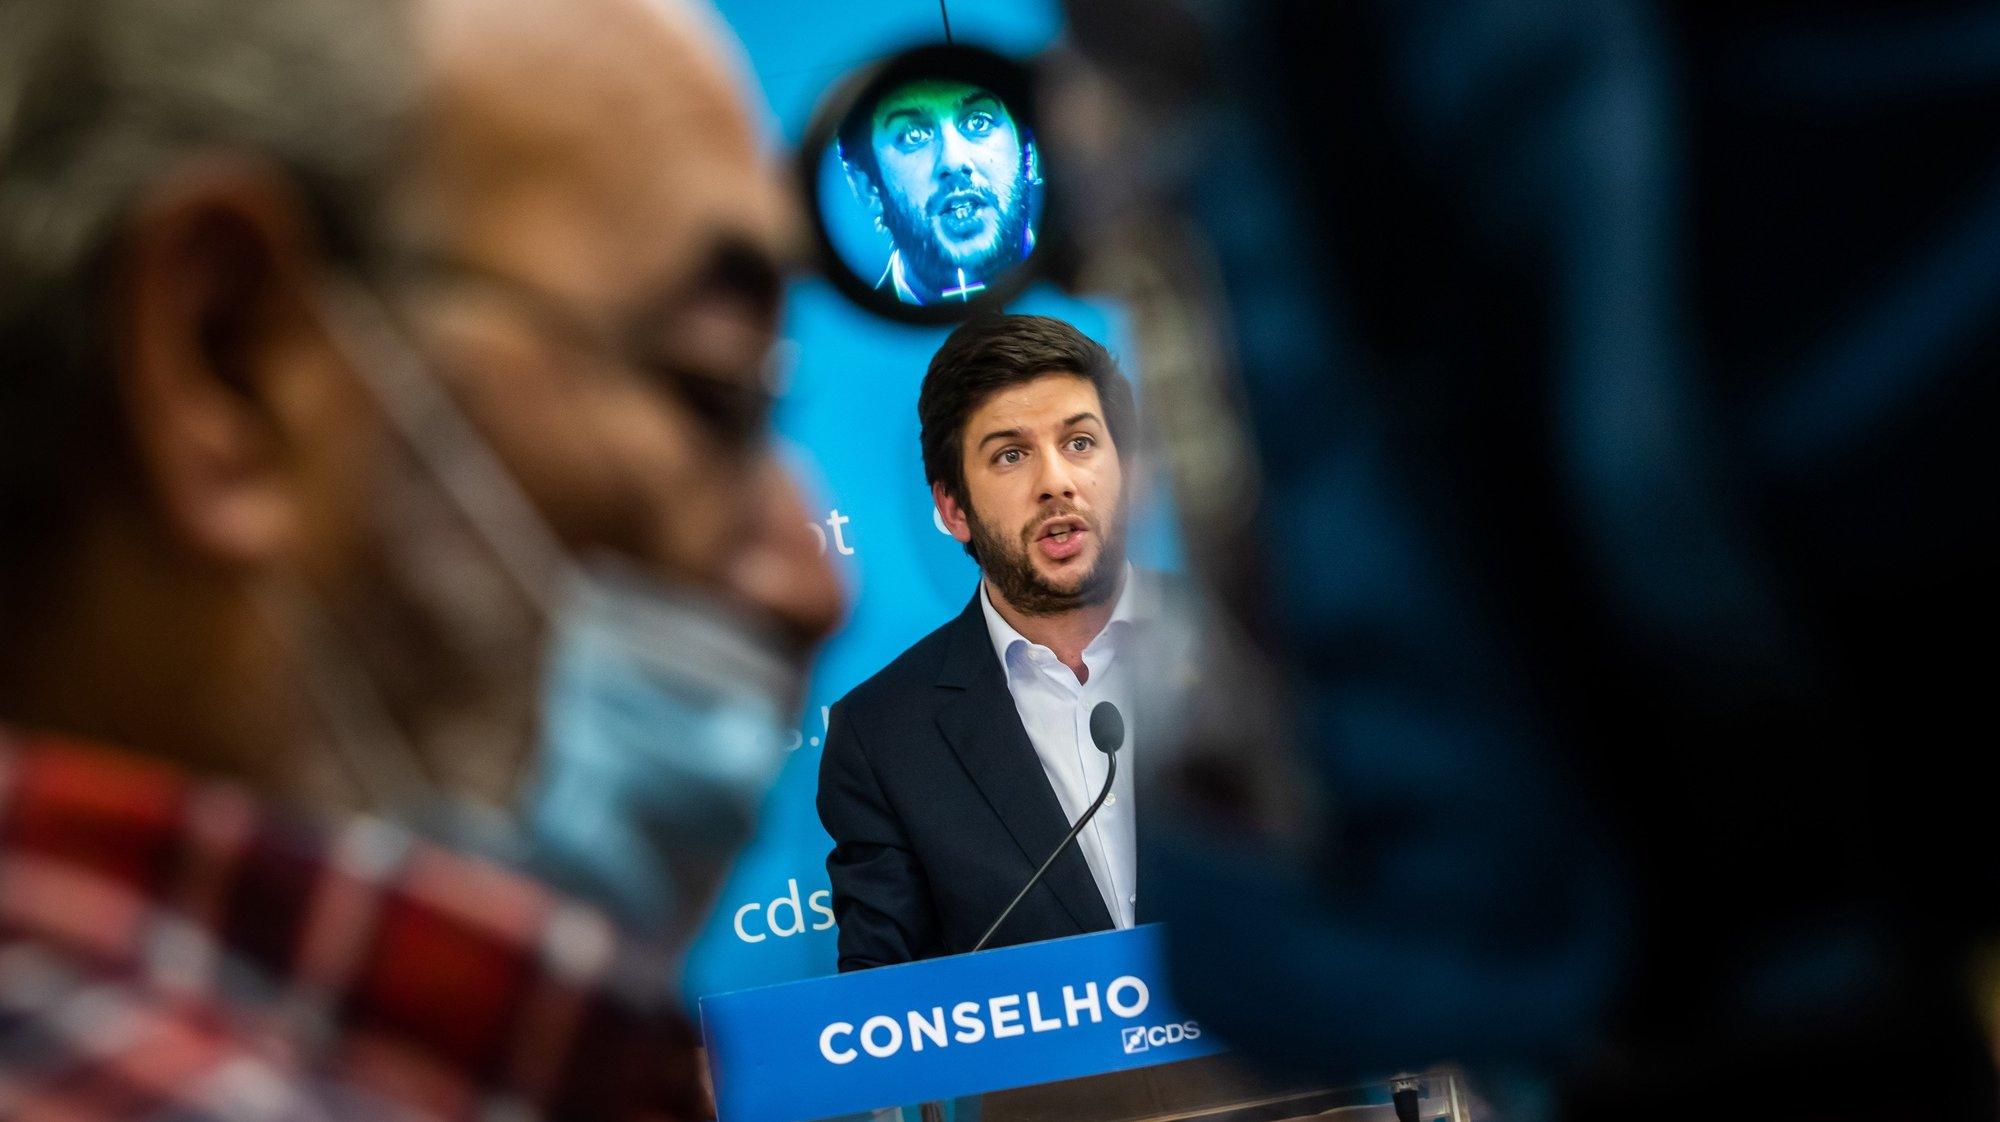 O presidente do CDS-PP, Francisco Rodrigues dos Santos, fala aos jornalistas durante uma conferência de imprensa após reunião do Conselho Nacional do CDS-PP, na sede do partido em Lisboa, 01 de junho de 2021. .JOSE SENA GOULAO/LUSA